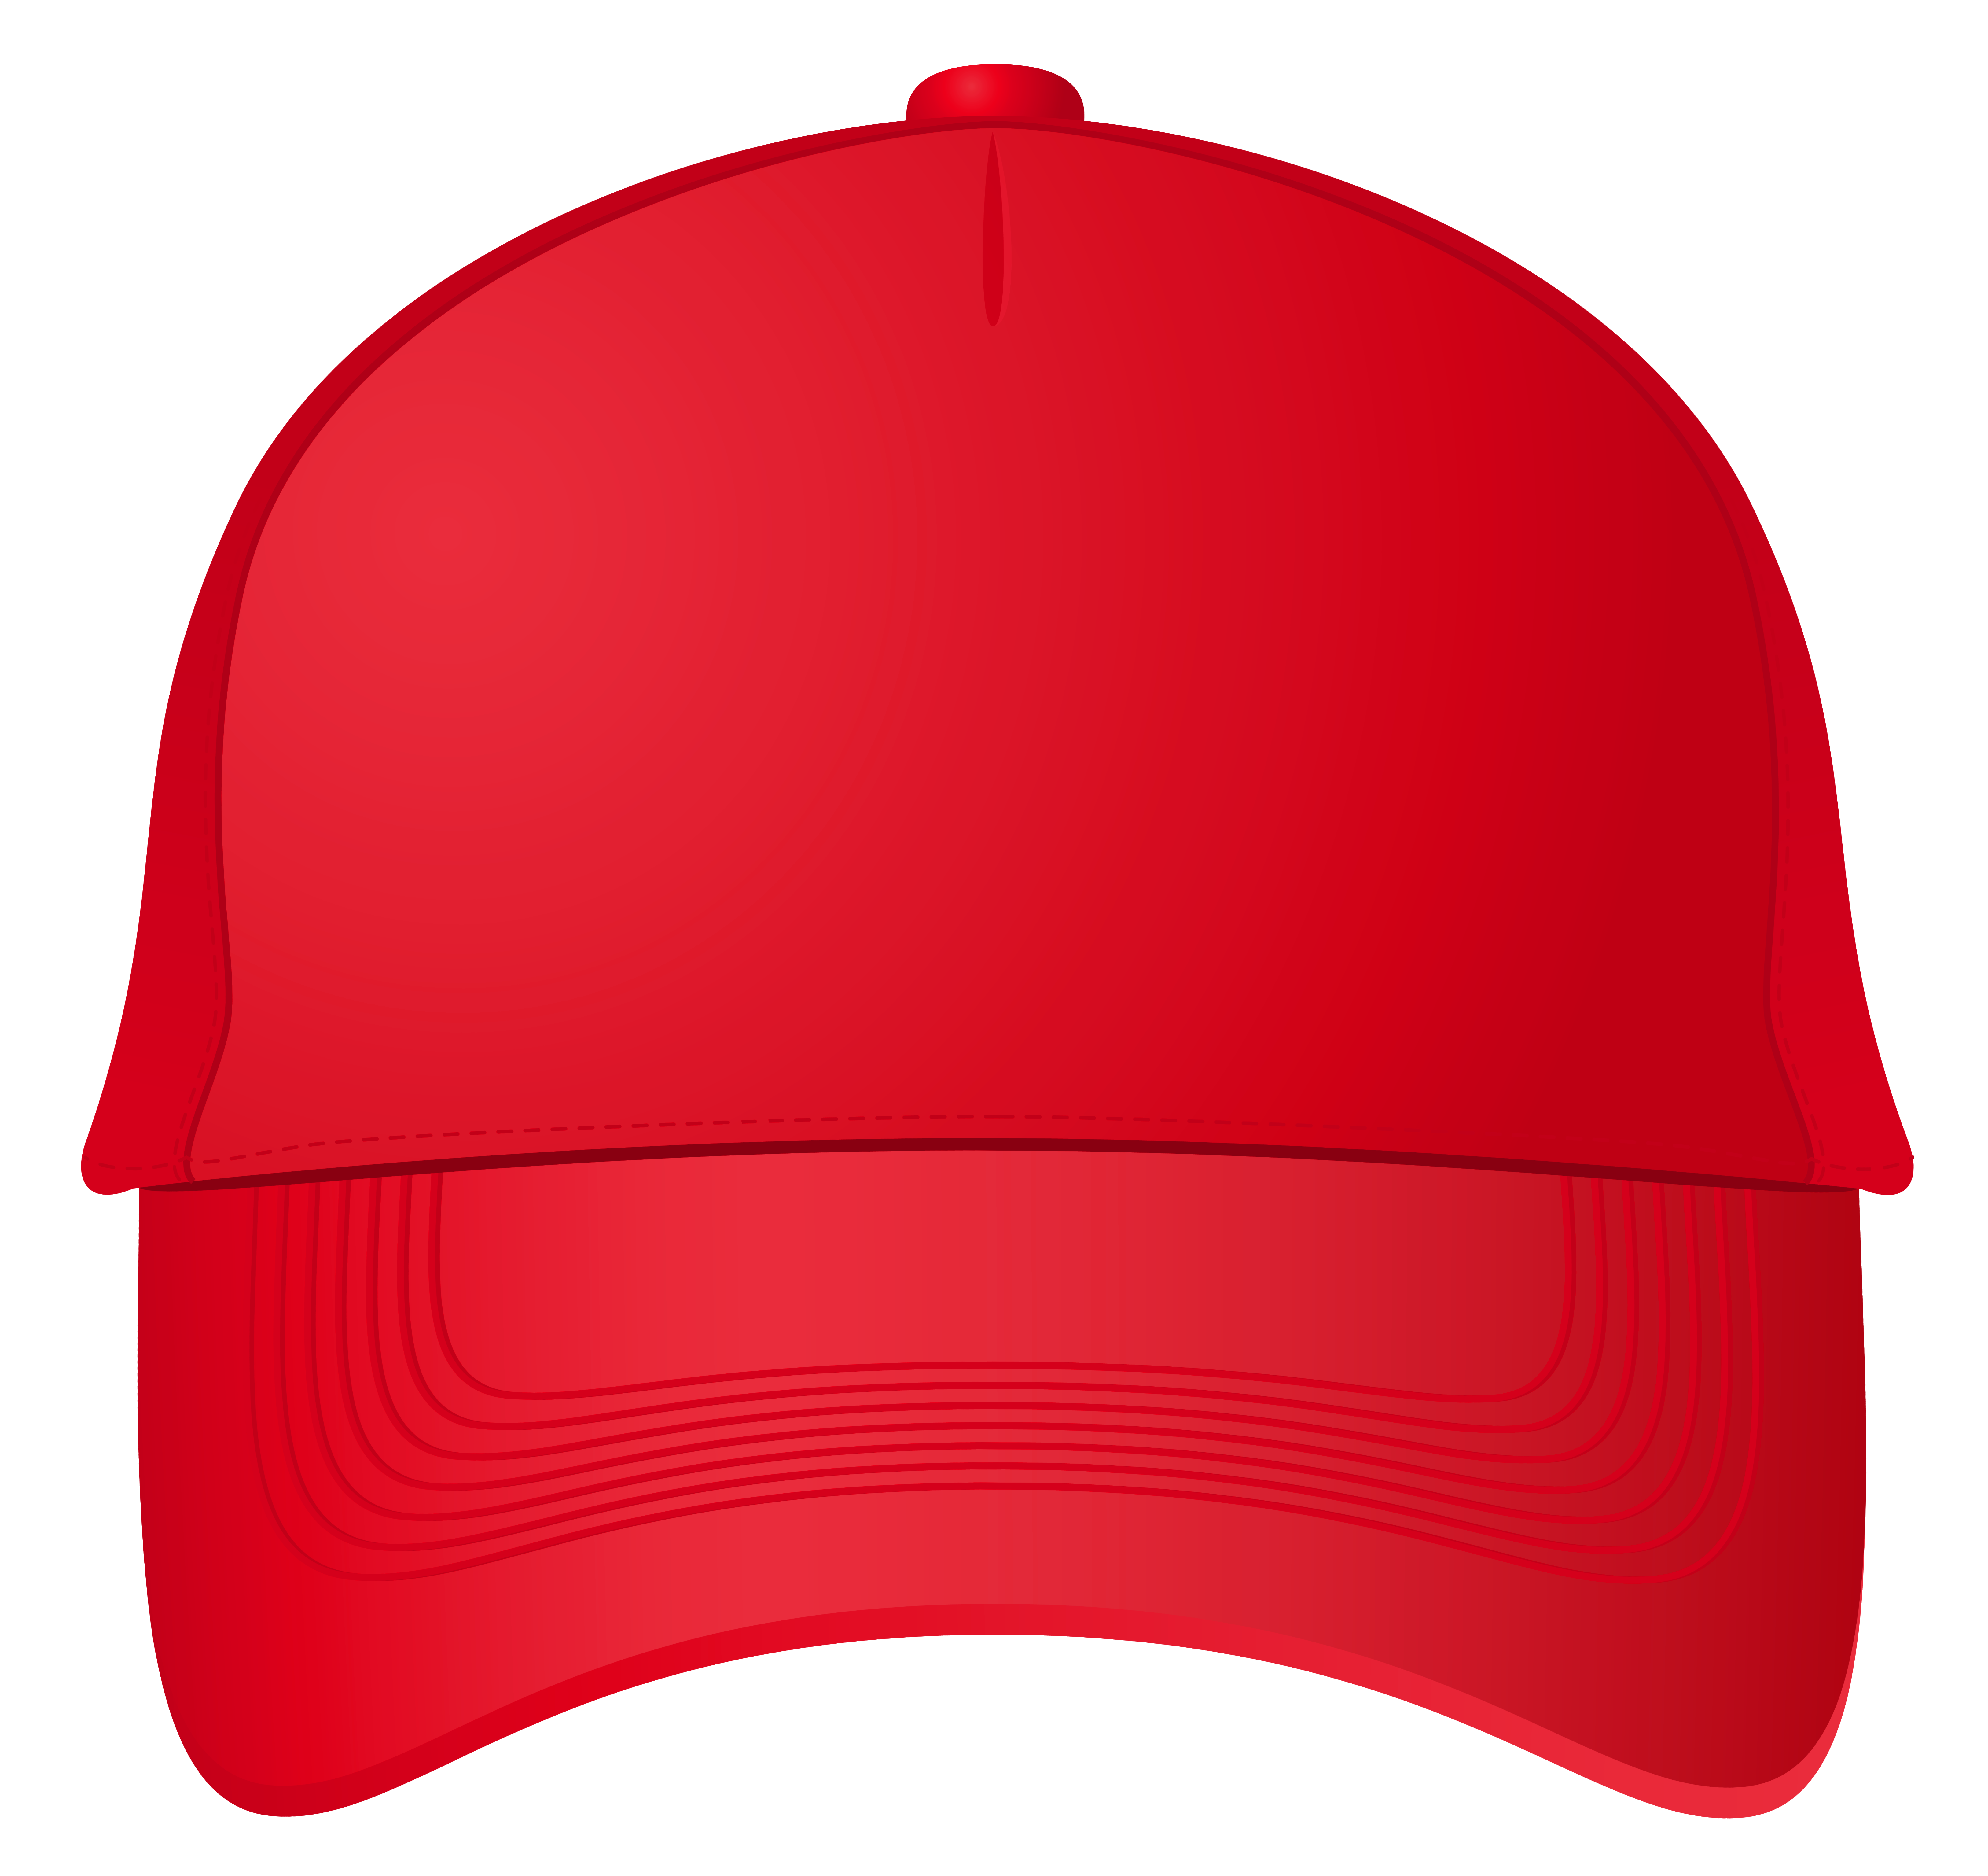 Cap PNG - 16911